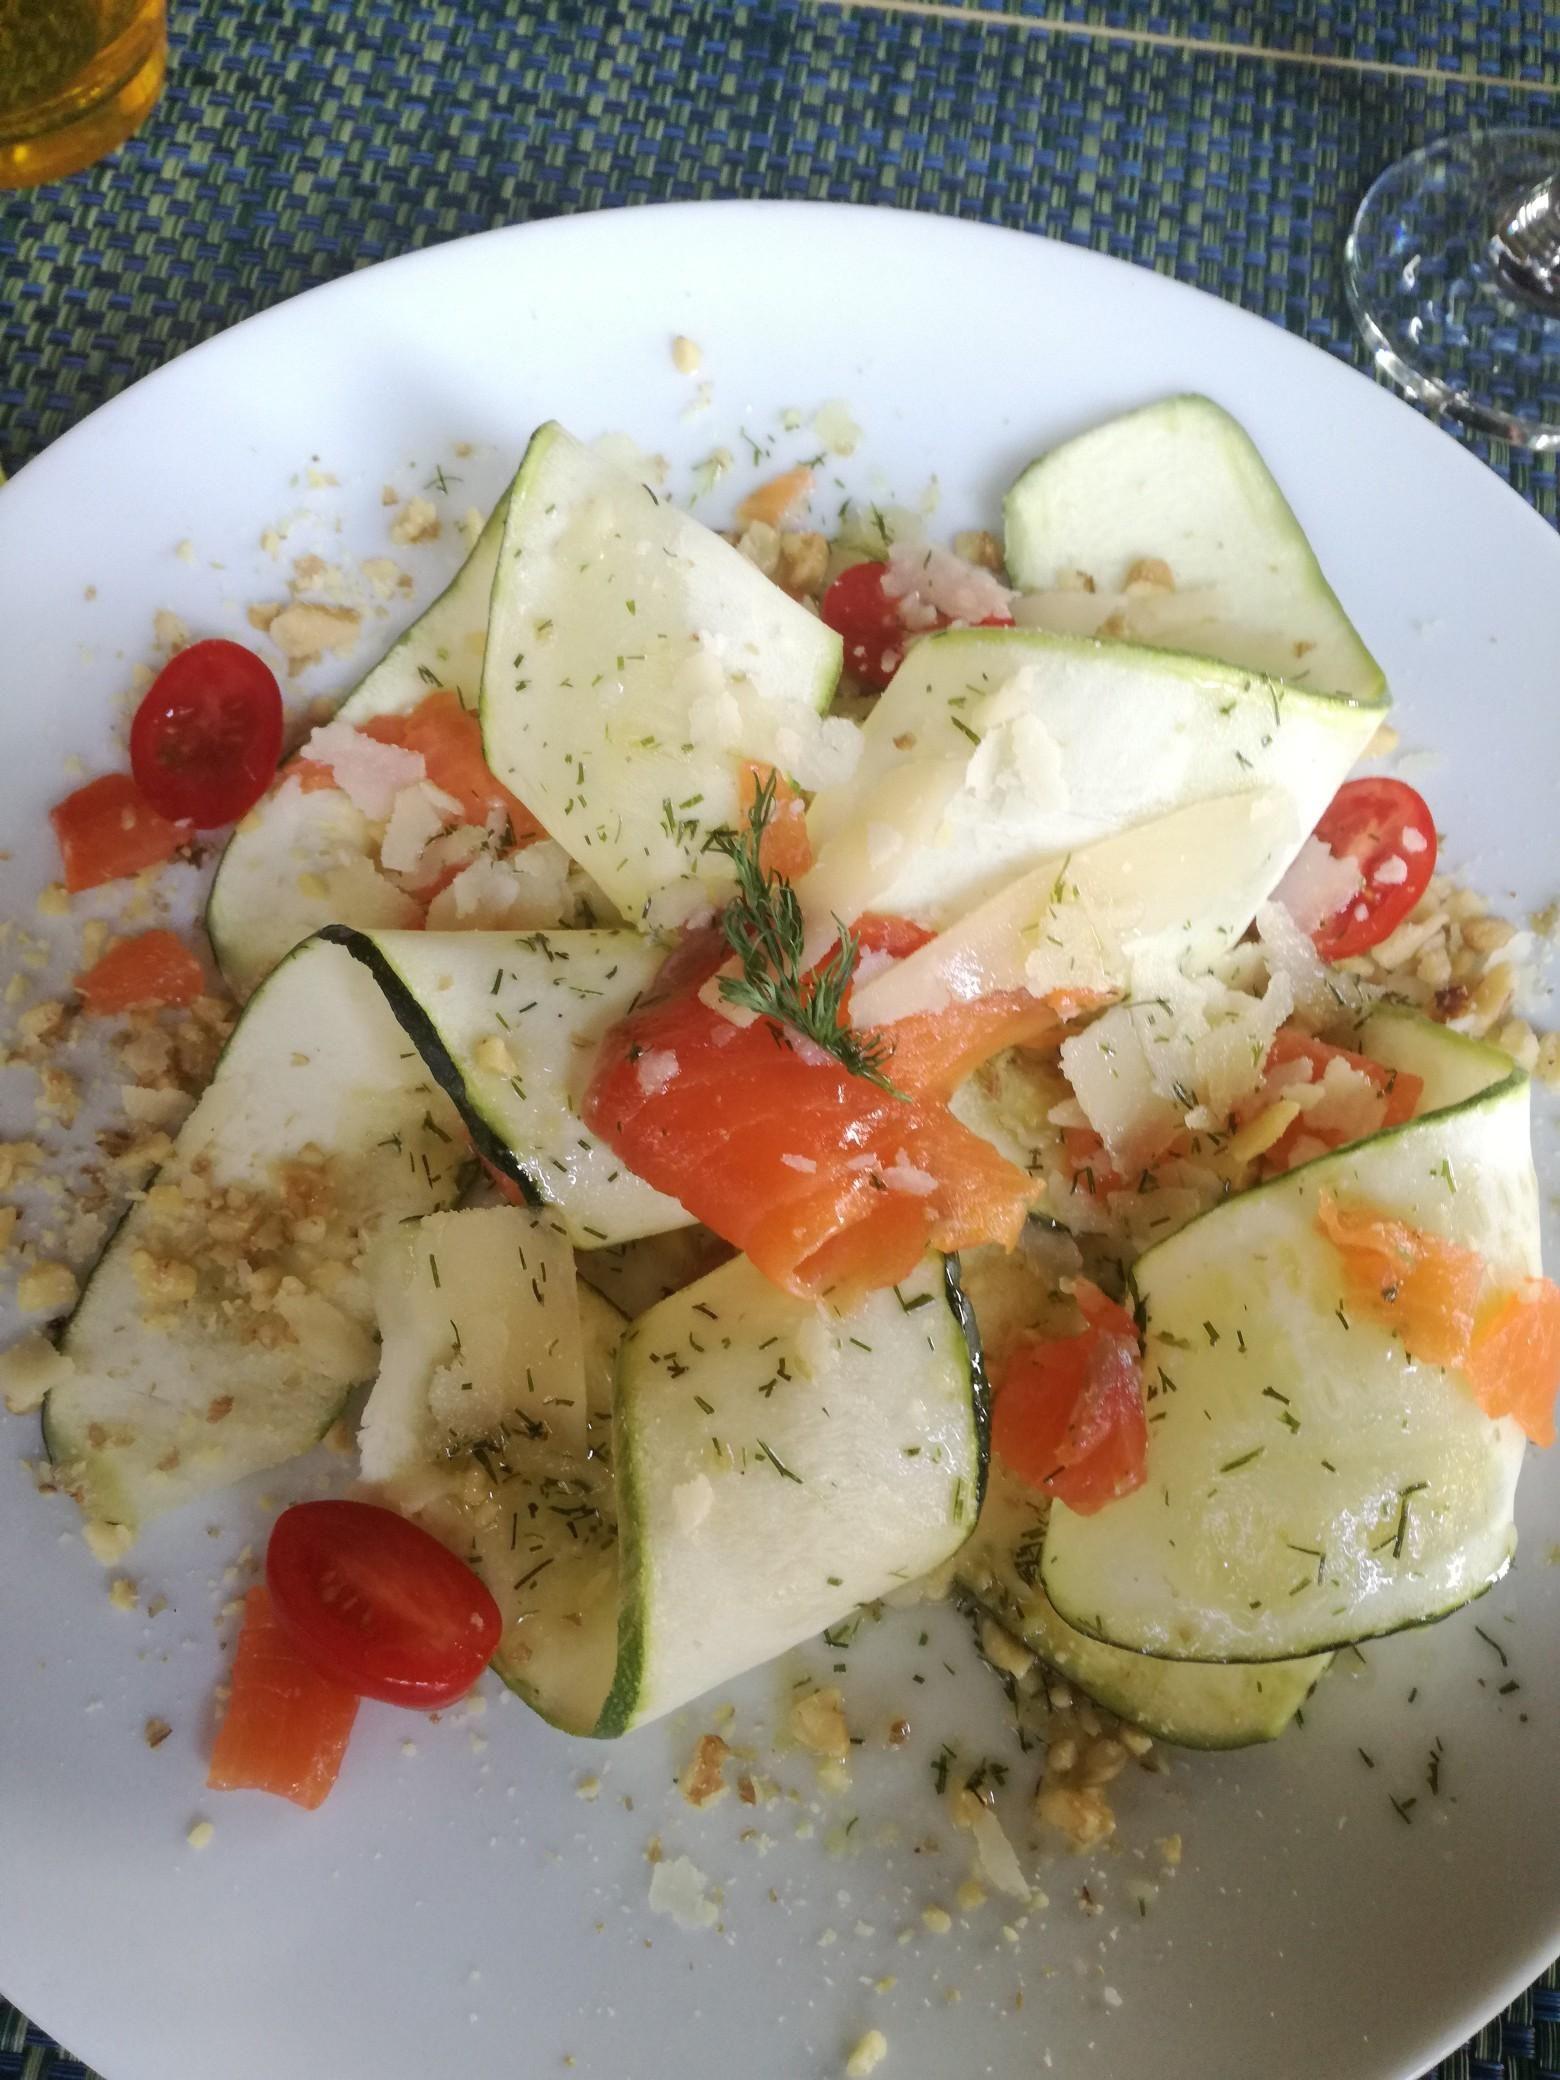 Almuerzo Ensalada De Calabacín Salmón Tomates Cherry Parmesano Y Frutos Secos Triturados Recetas Ensalada De Calabacín Recetas Deliciosas Recetas De Cocina